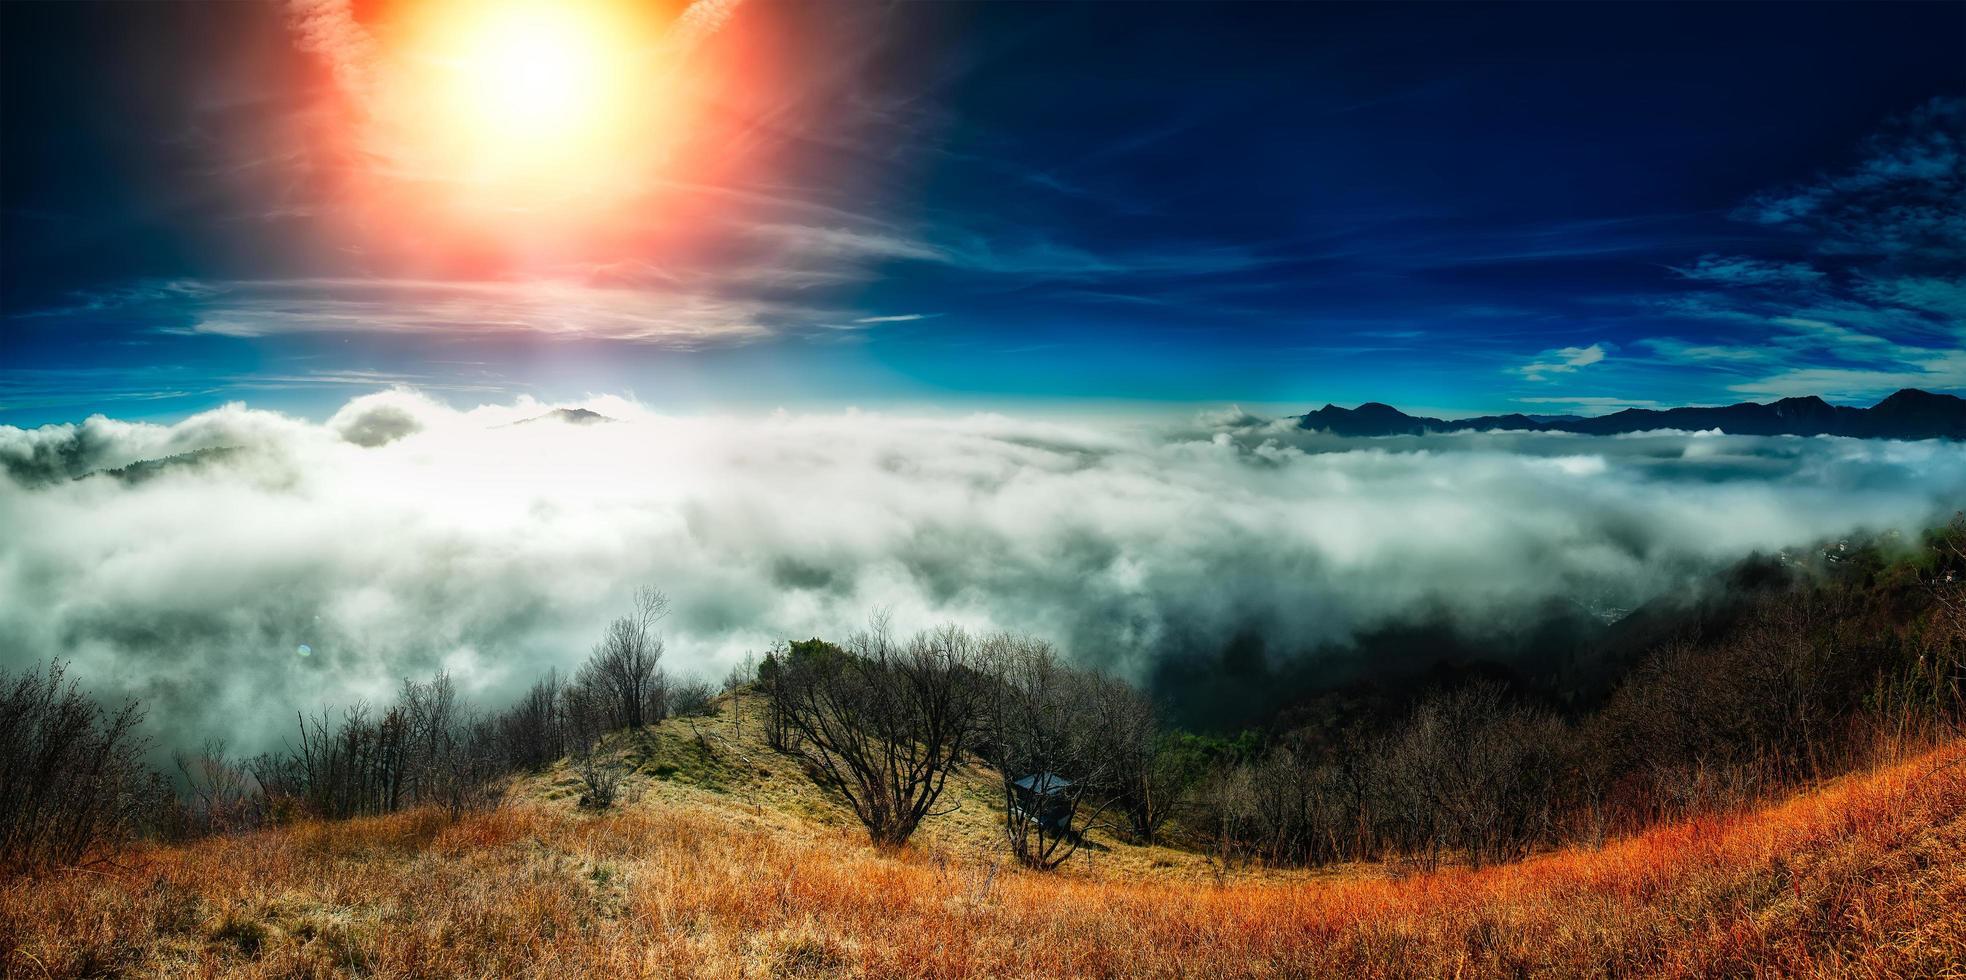 zee van mist in de herfst in de bergen foto